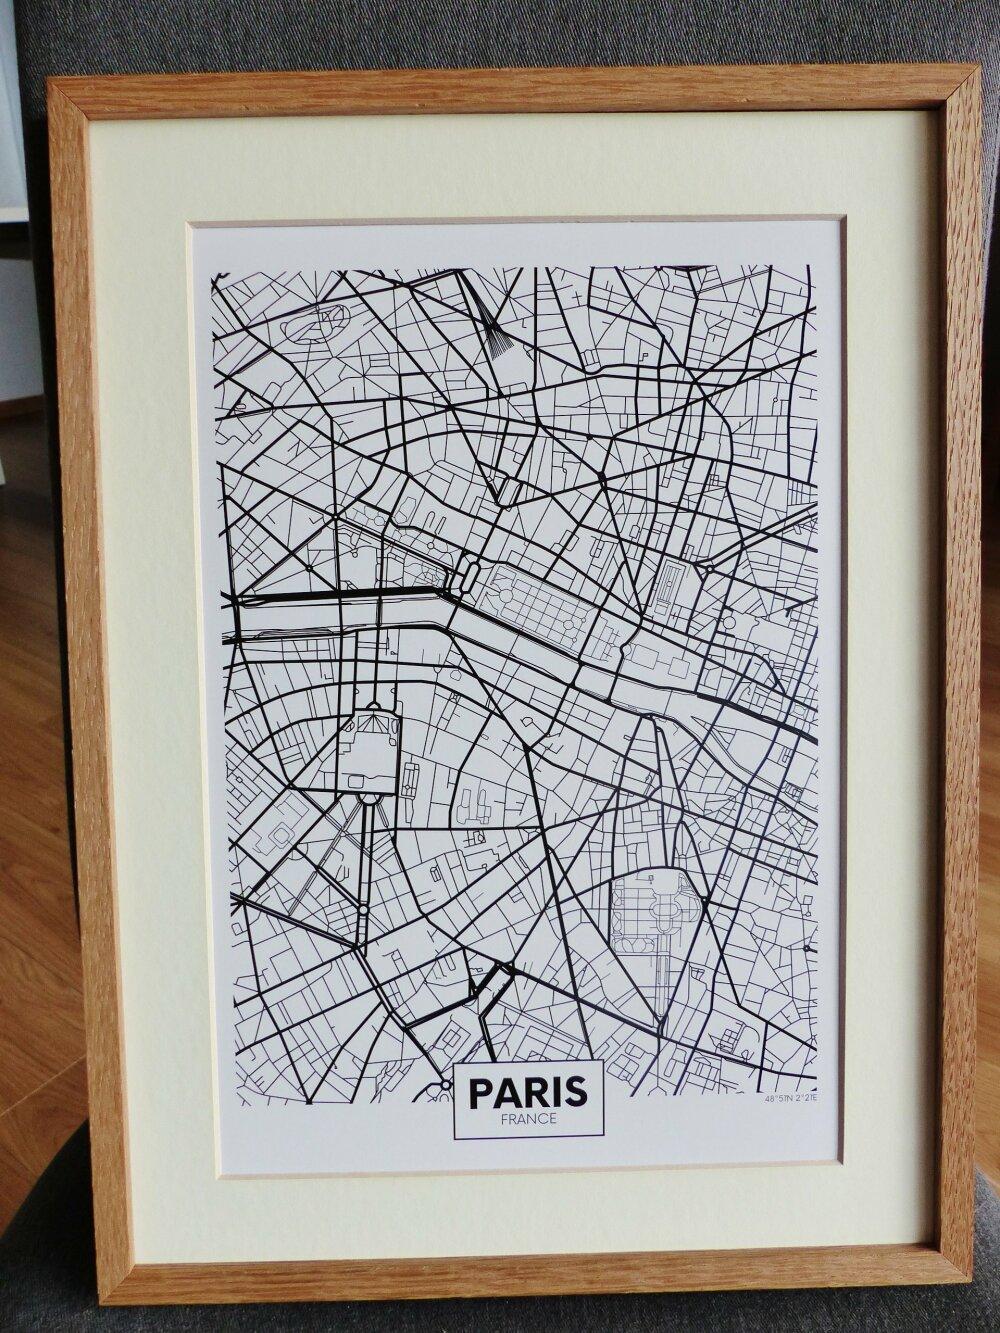 affiche A4  PARIS France  plan de ville city map poster papier cartonné a encadrer